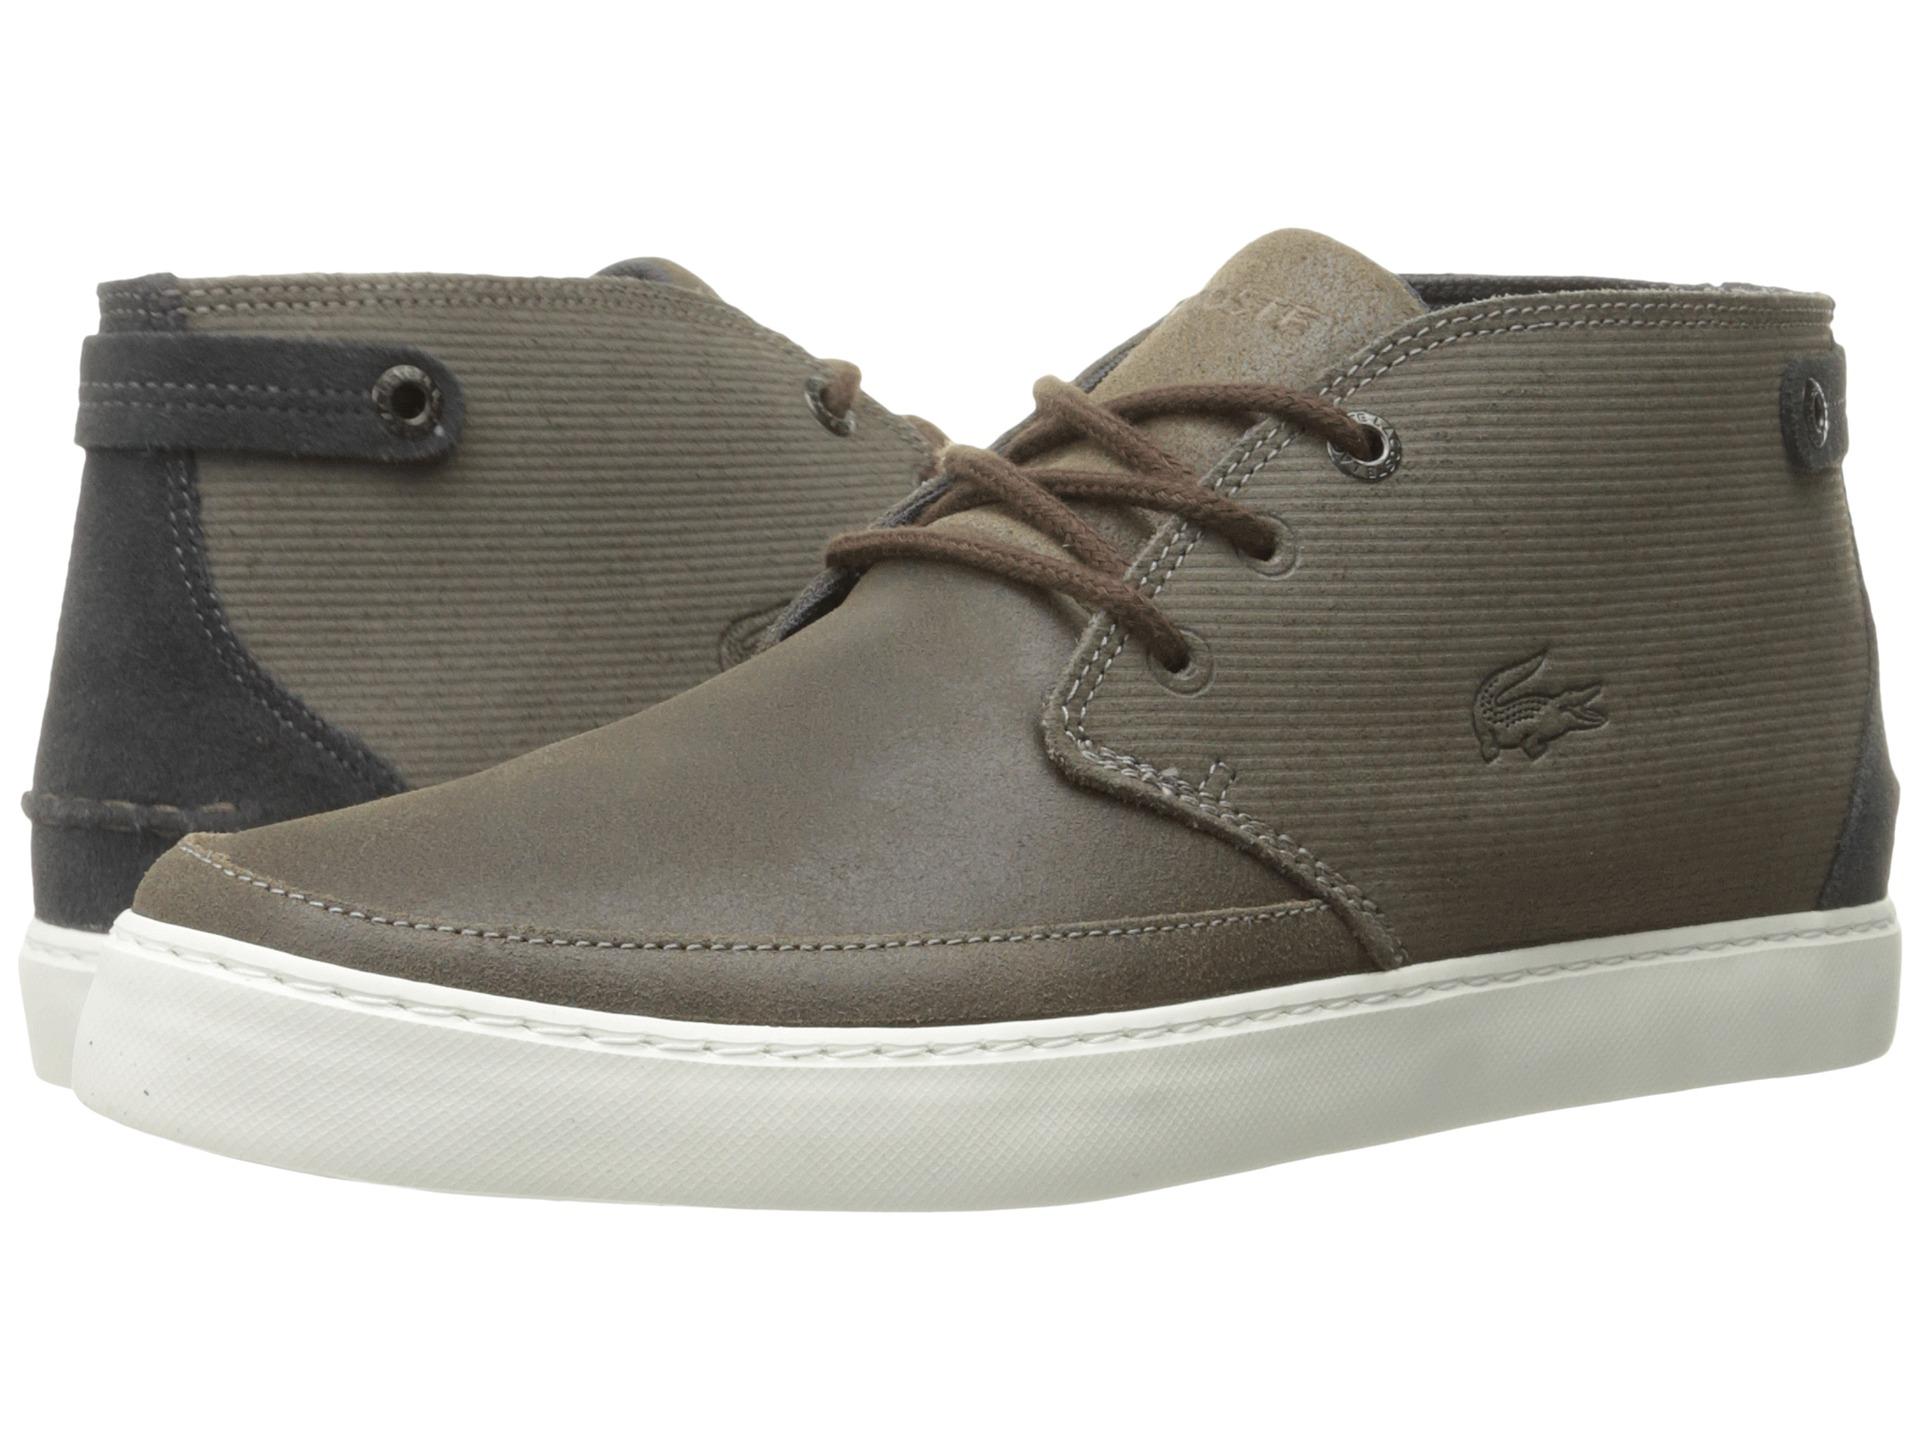 Lacoste Clavel M 316 1-hauts Sommets Et Chaussures De Sport CFXsG